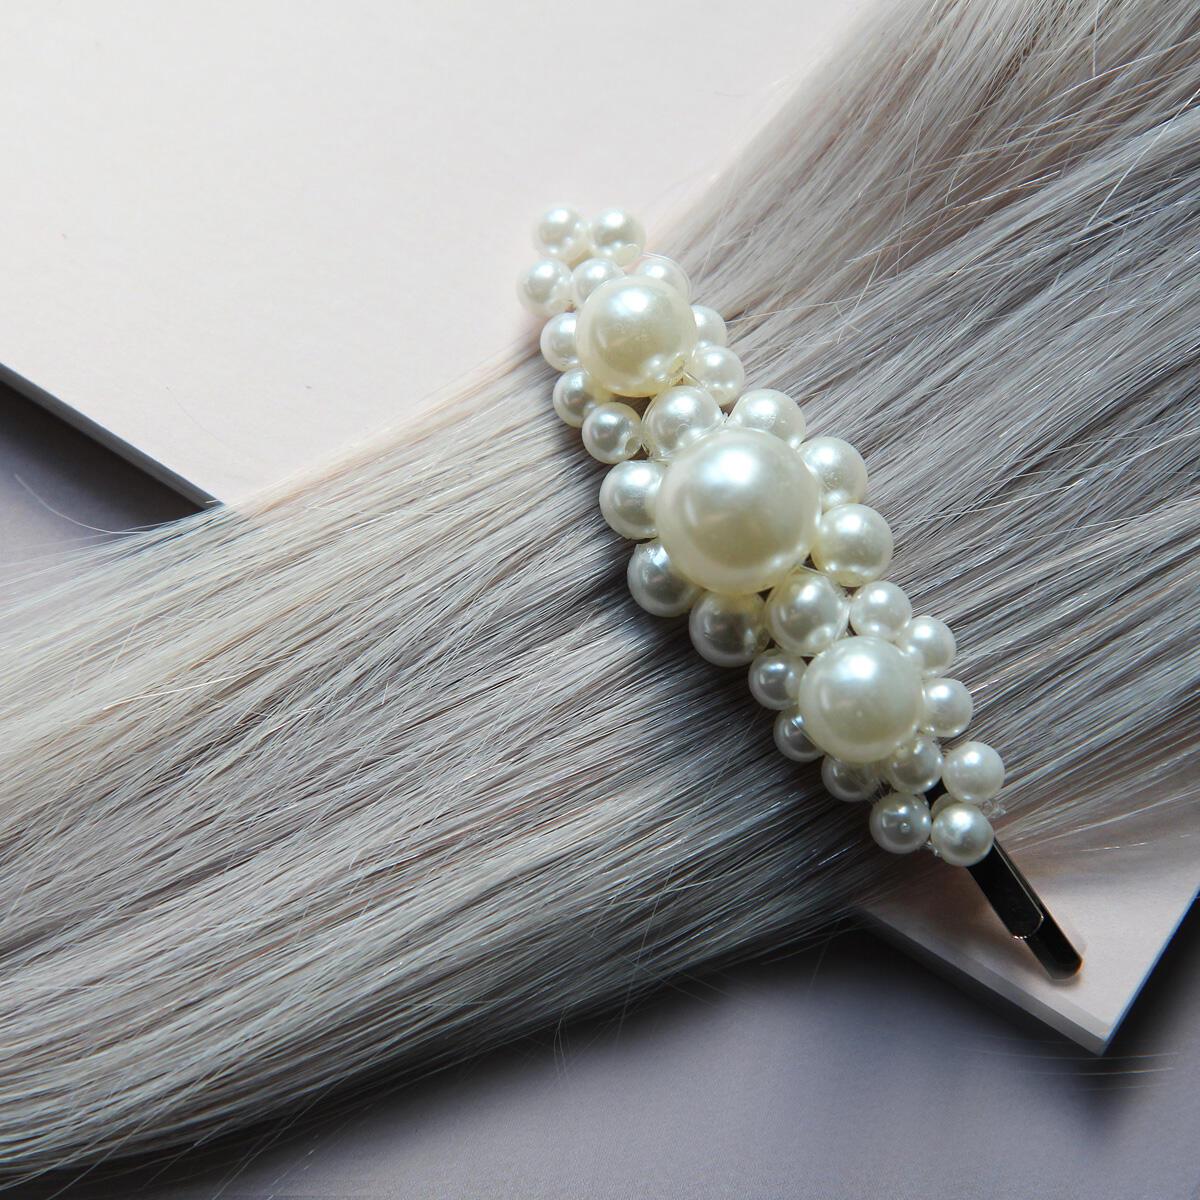 Hårnål med dekorativa pärlor